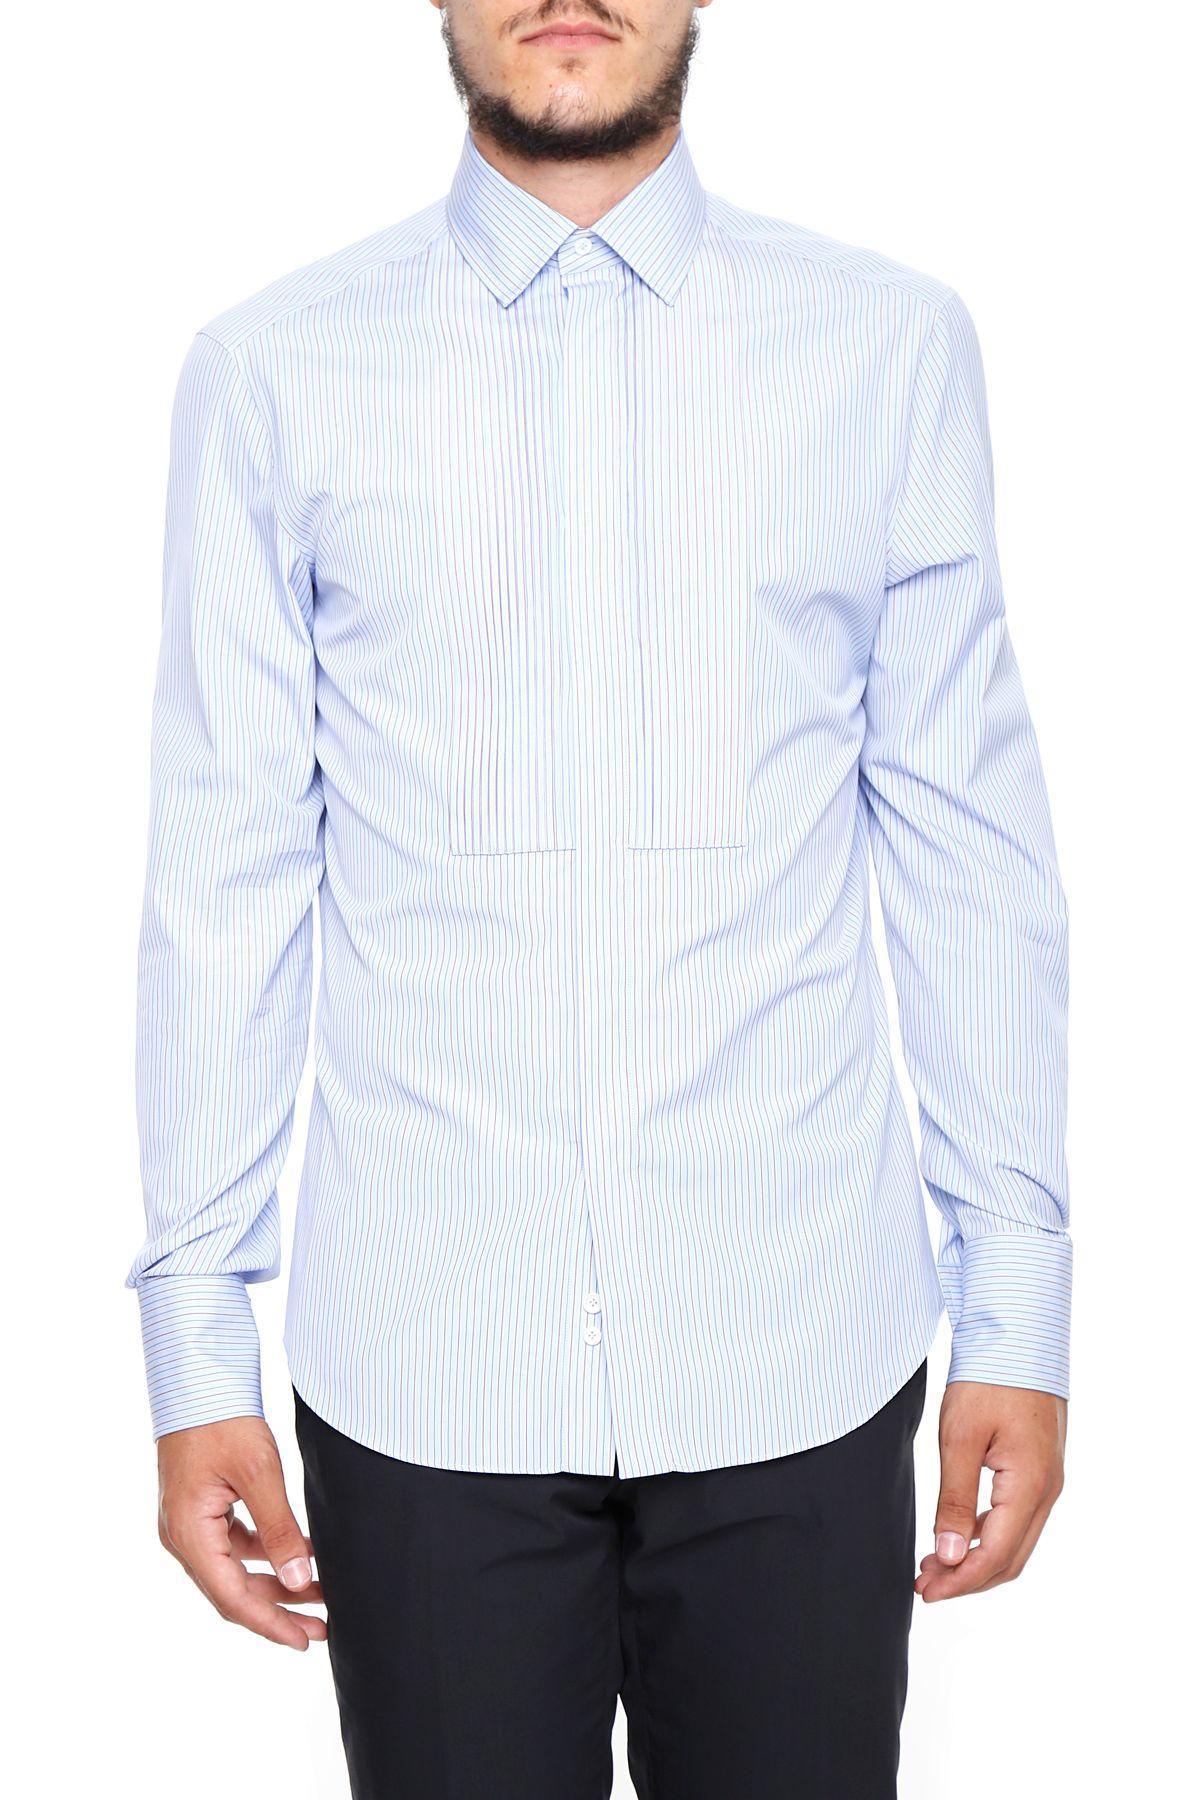 Valentino Striped Shirt In Celeste|celeste